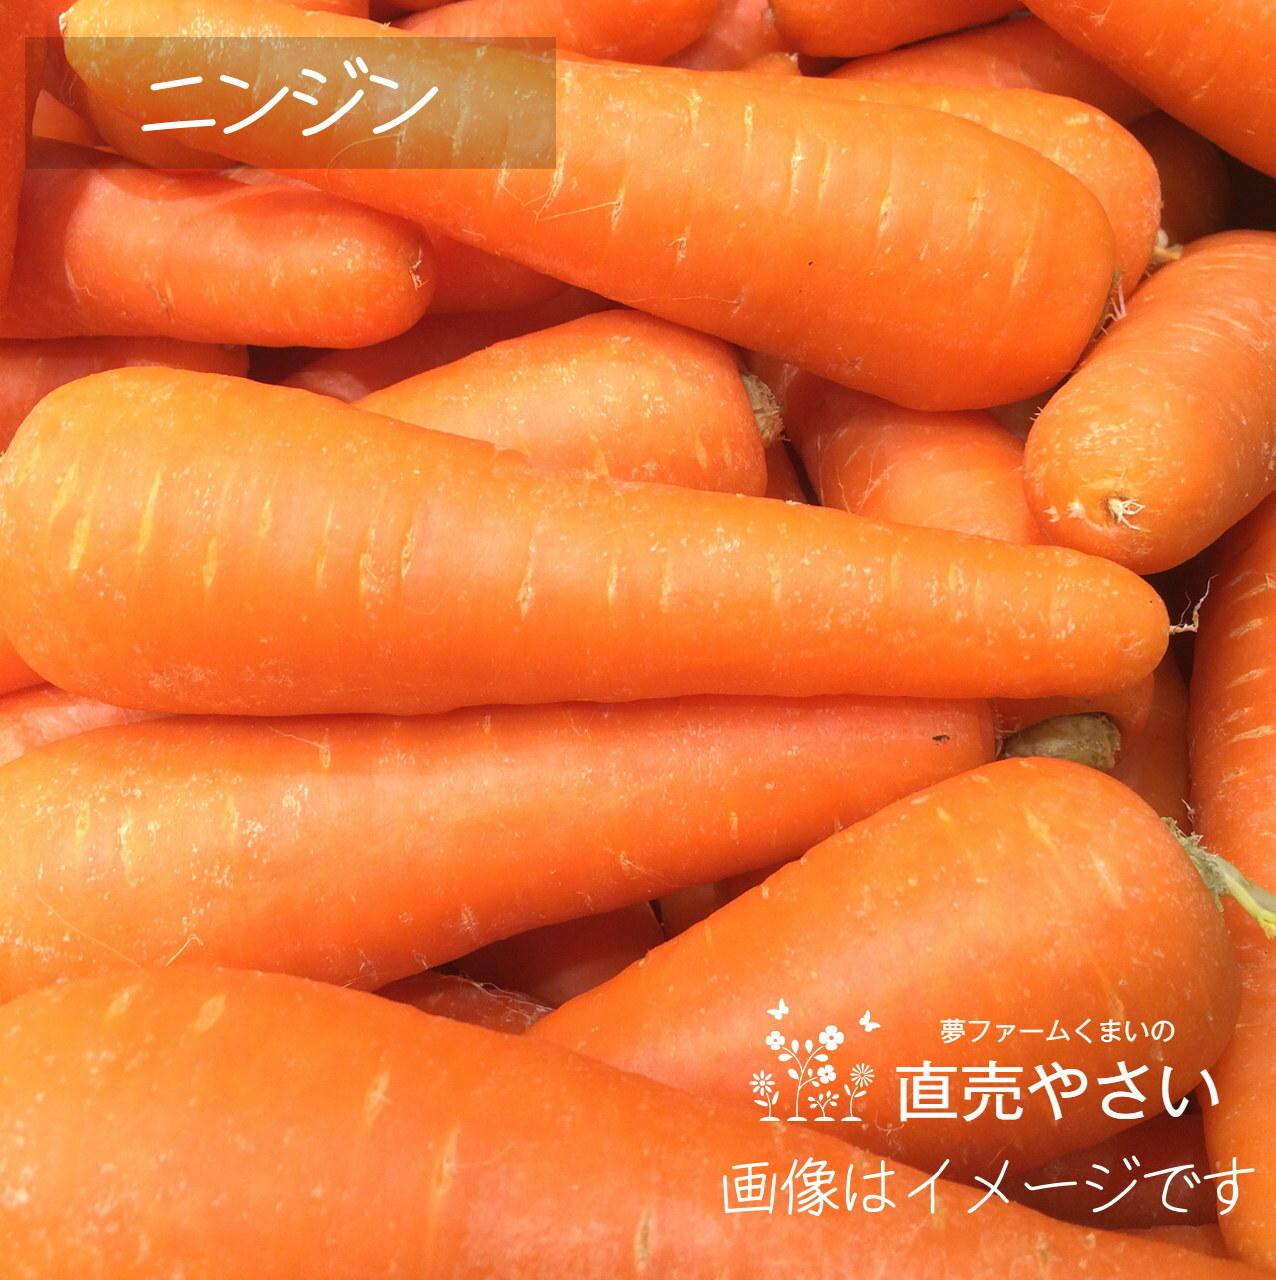 8月の朝採り直売野菜 : ニンジン 約400g 新鮮な夏野菜 8月15日発送予定